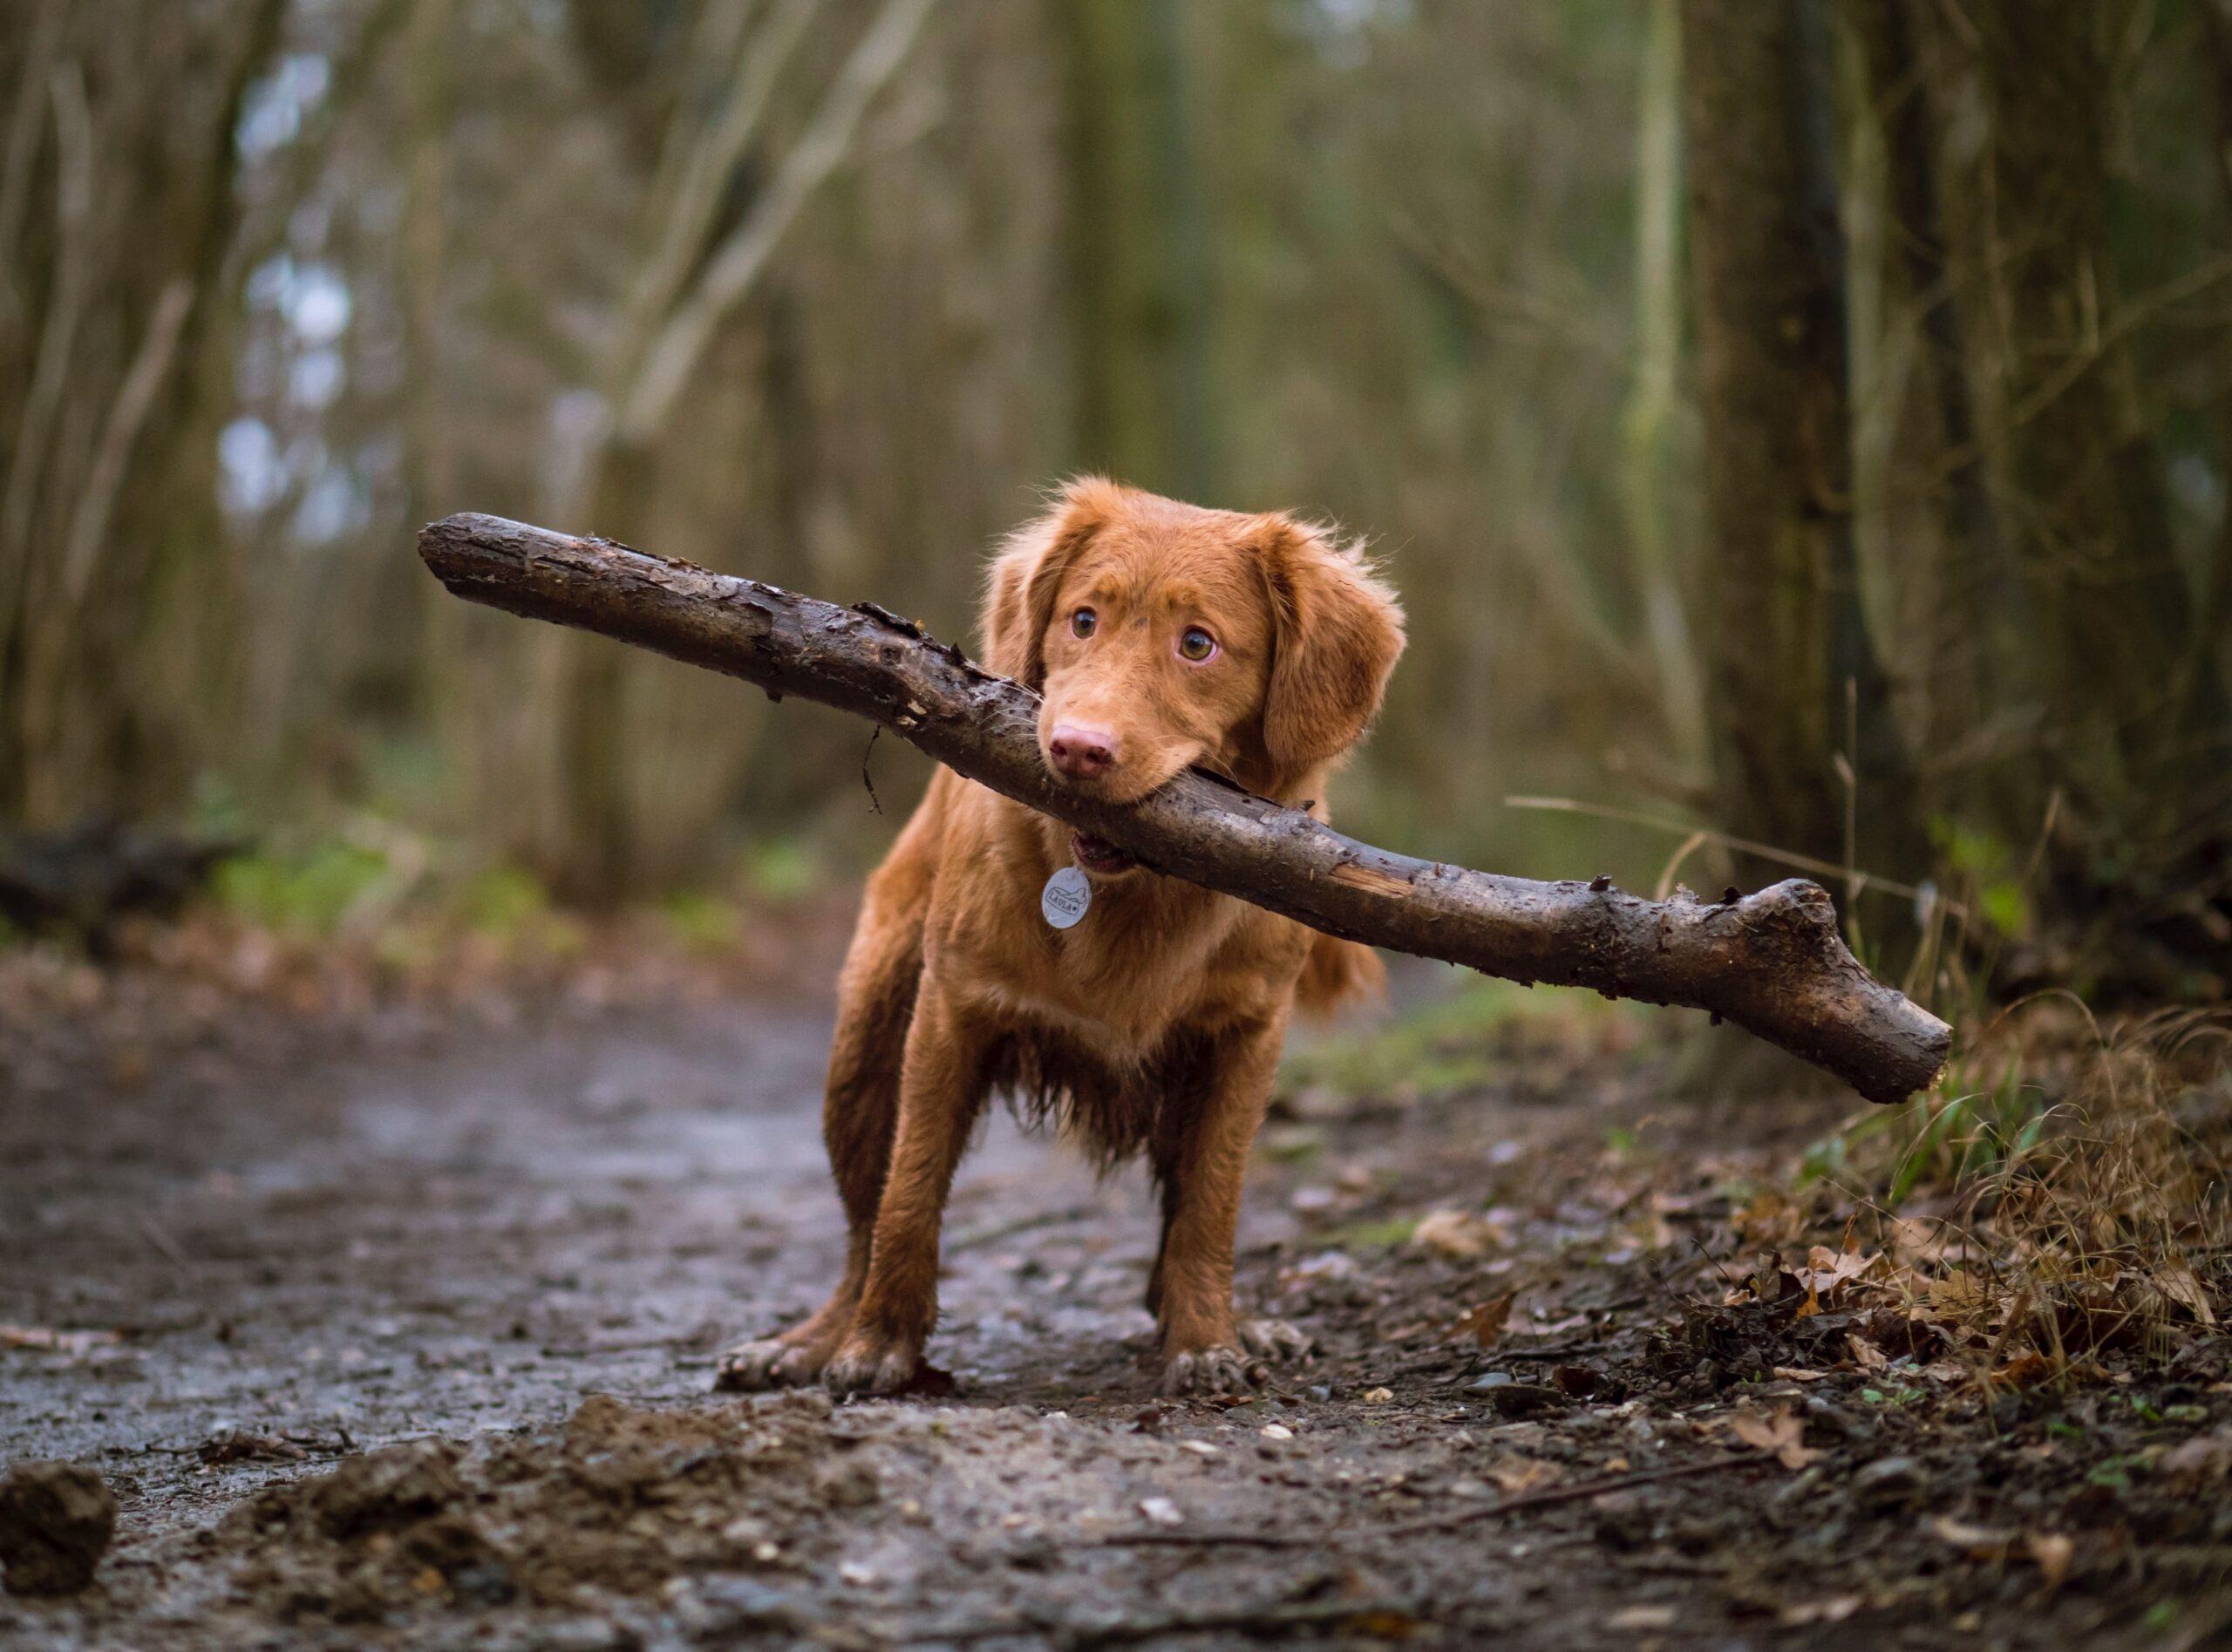 Du und dein Tier - Alles rund um dein Tier - Wir unterstützen dich!